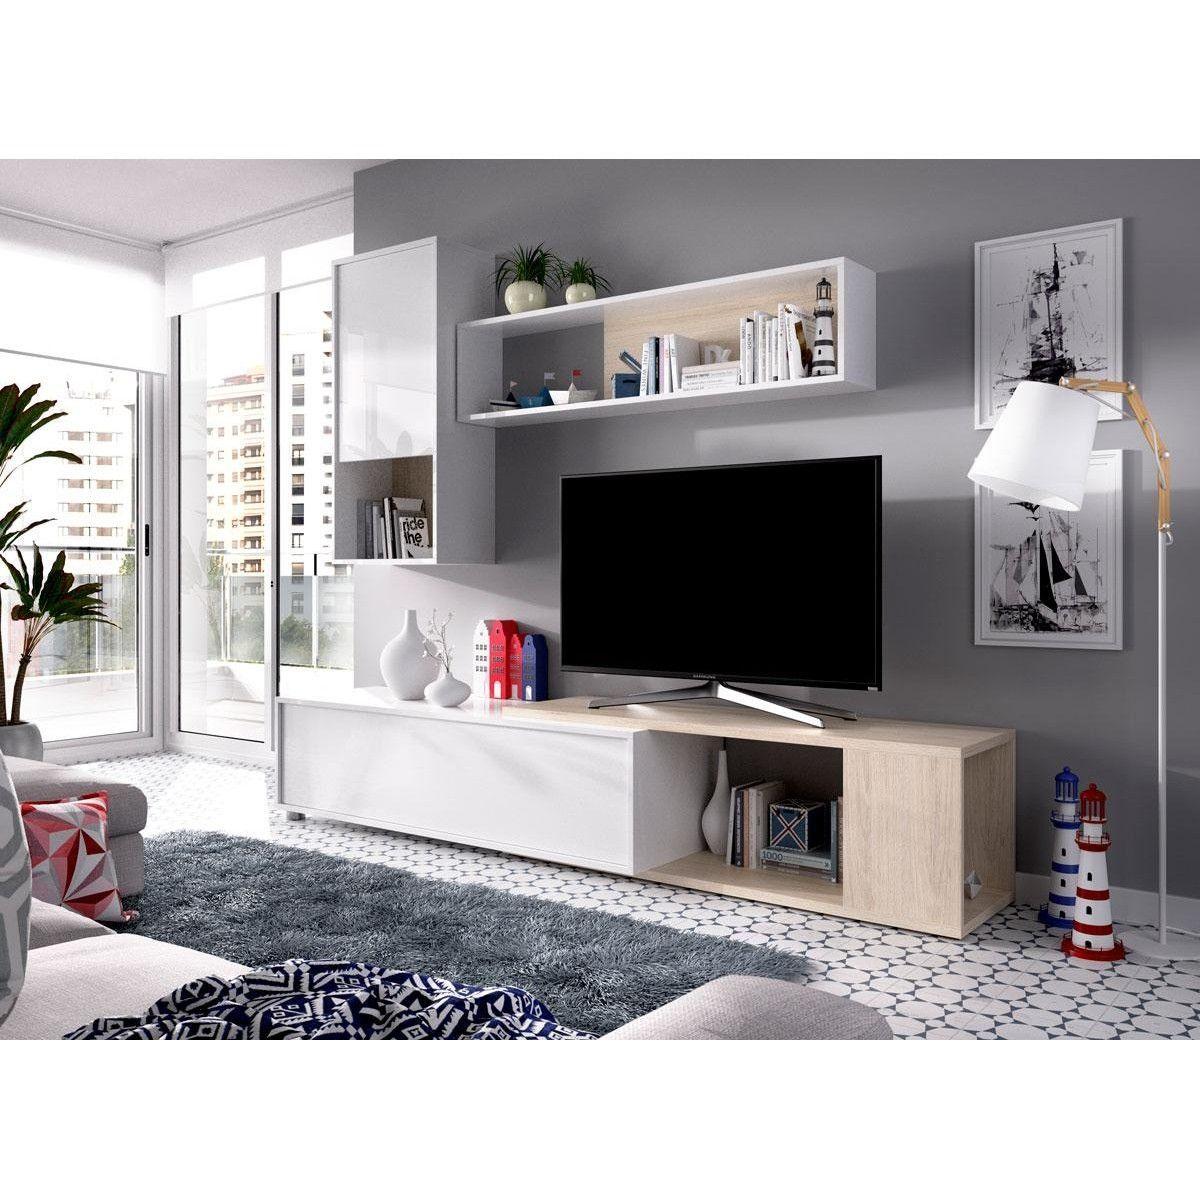 Mueble salón esquinero Obi blanco brillo  Muebles de salón baratos